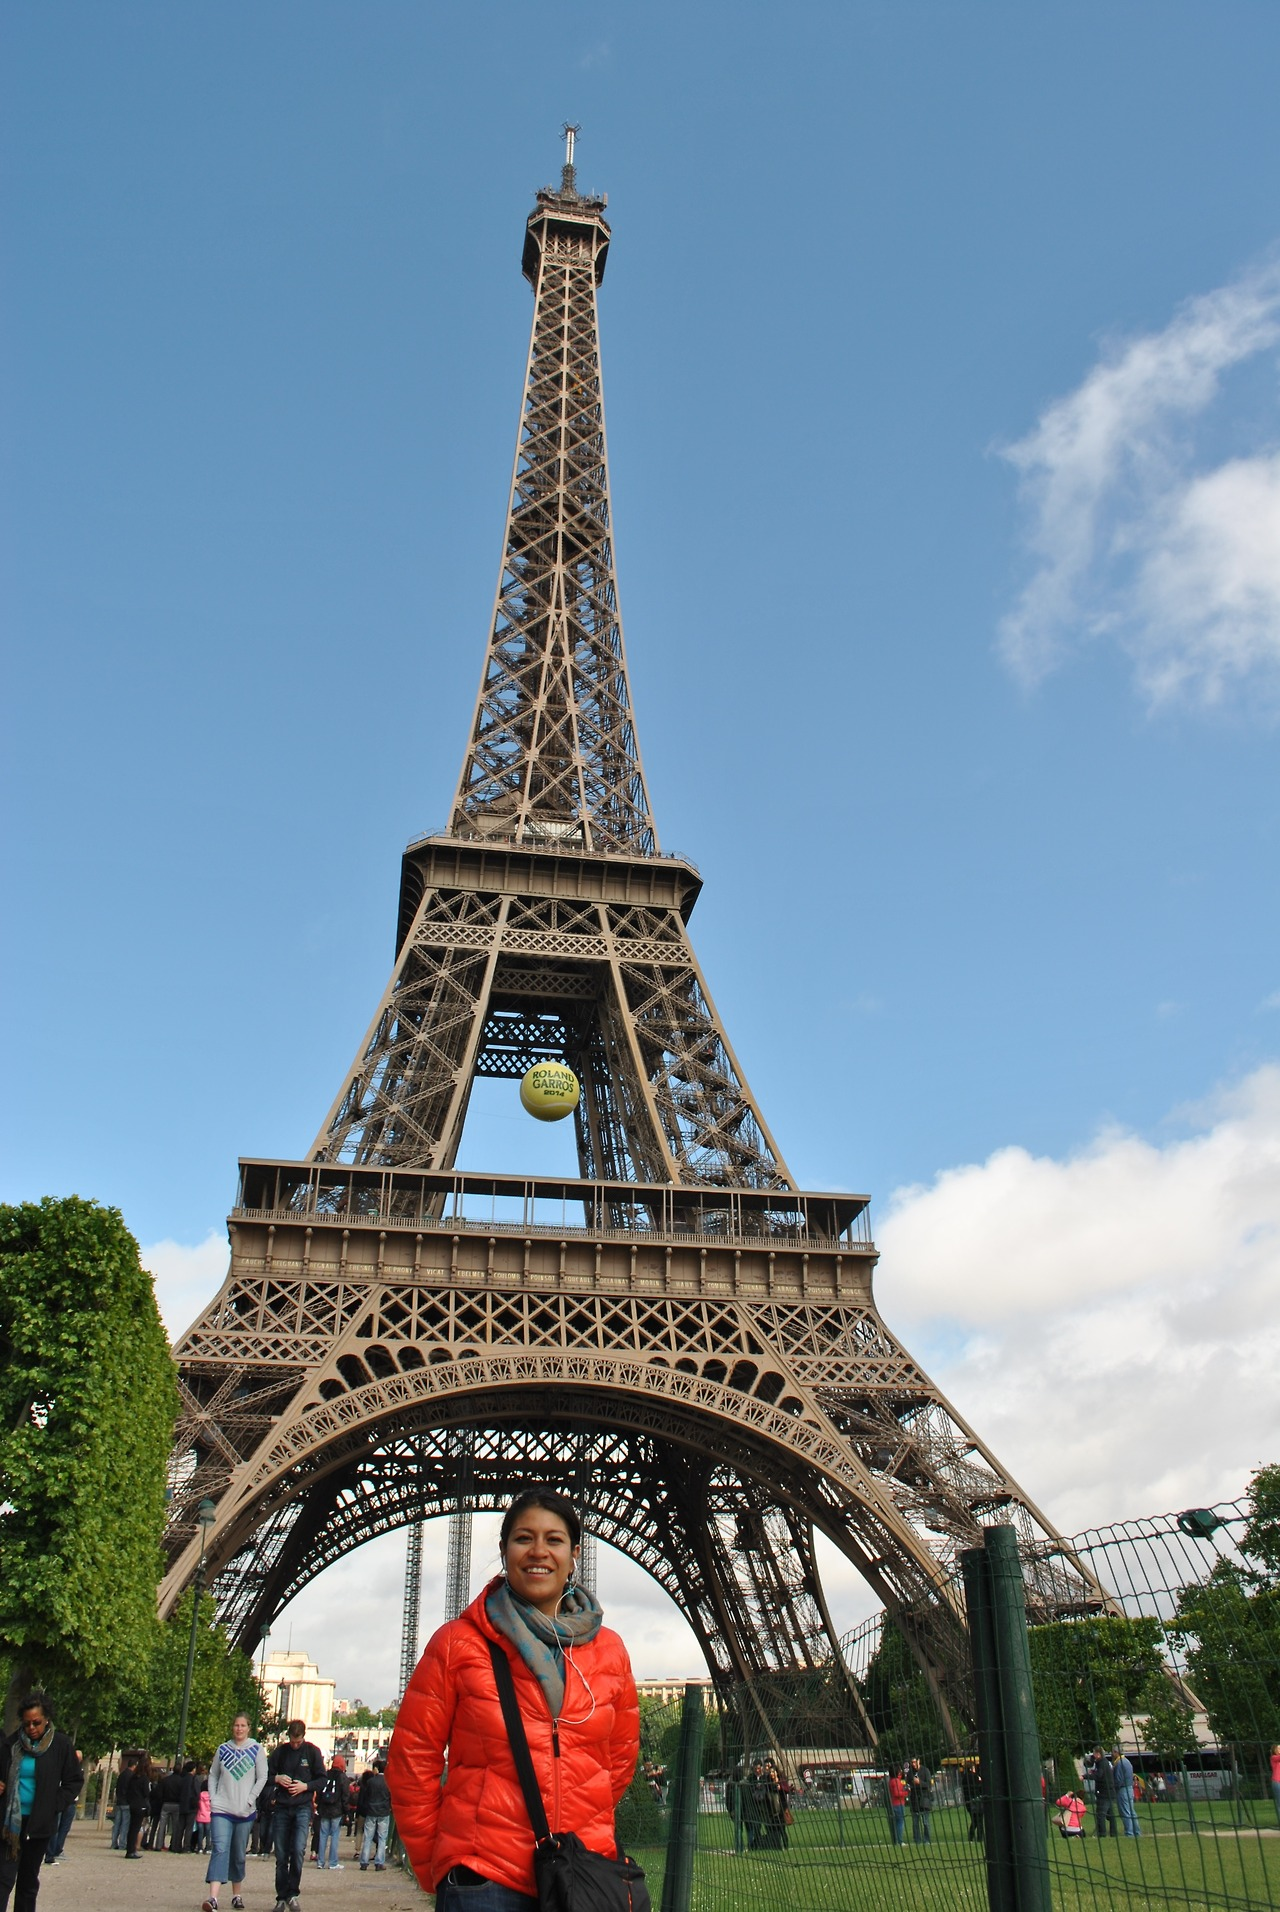 Mi vuelta al mundo- Cómo enfrentar la vida costosa y el clima caprichoso de París